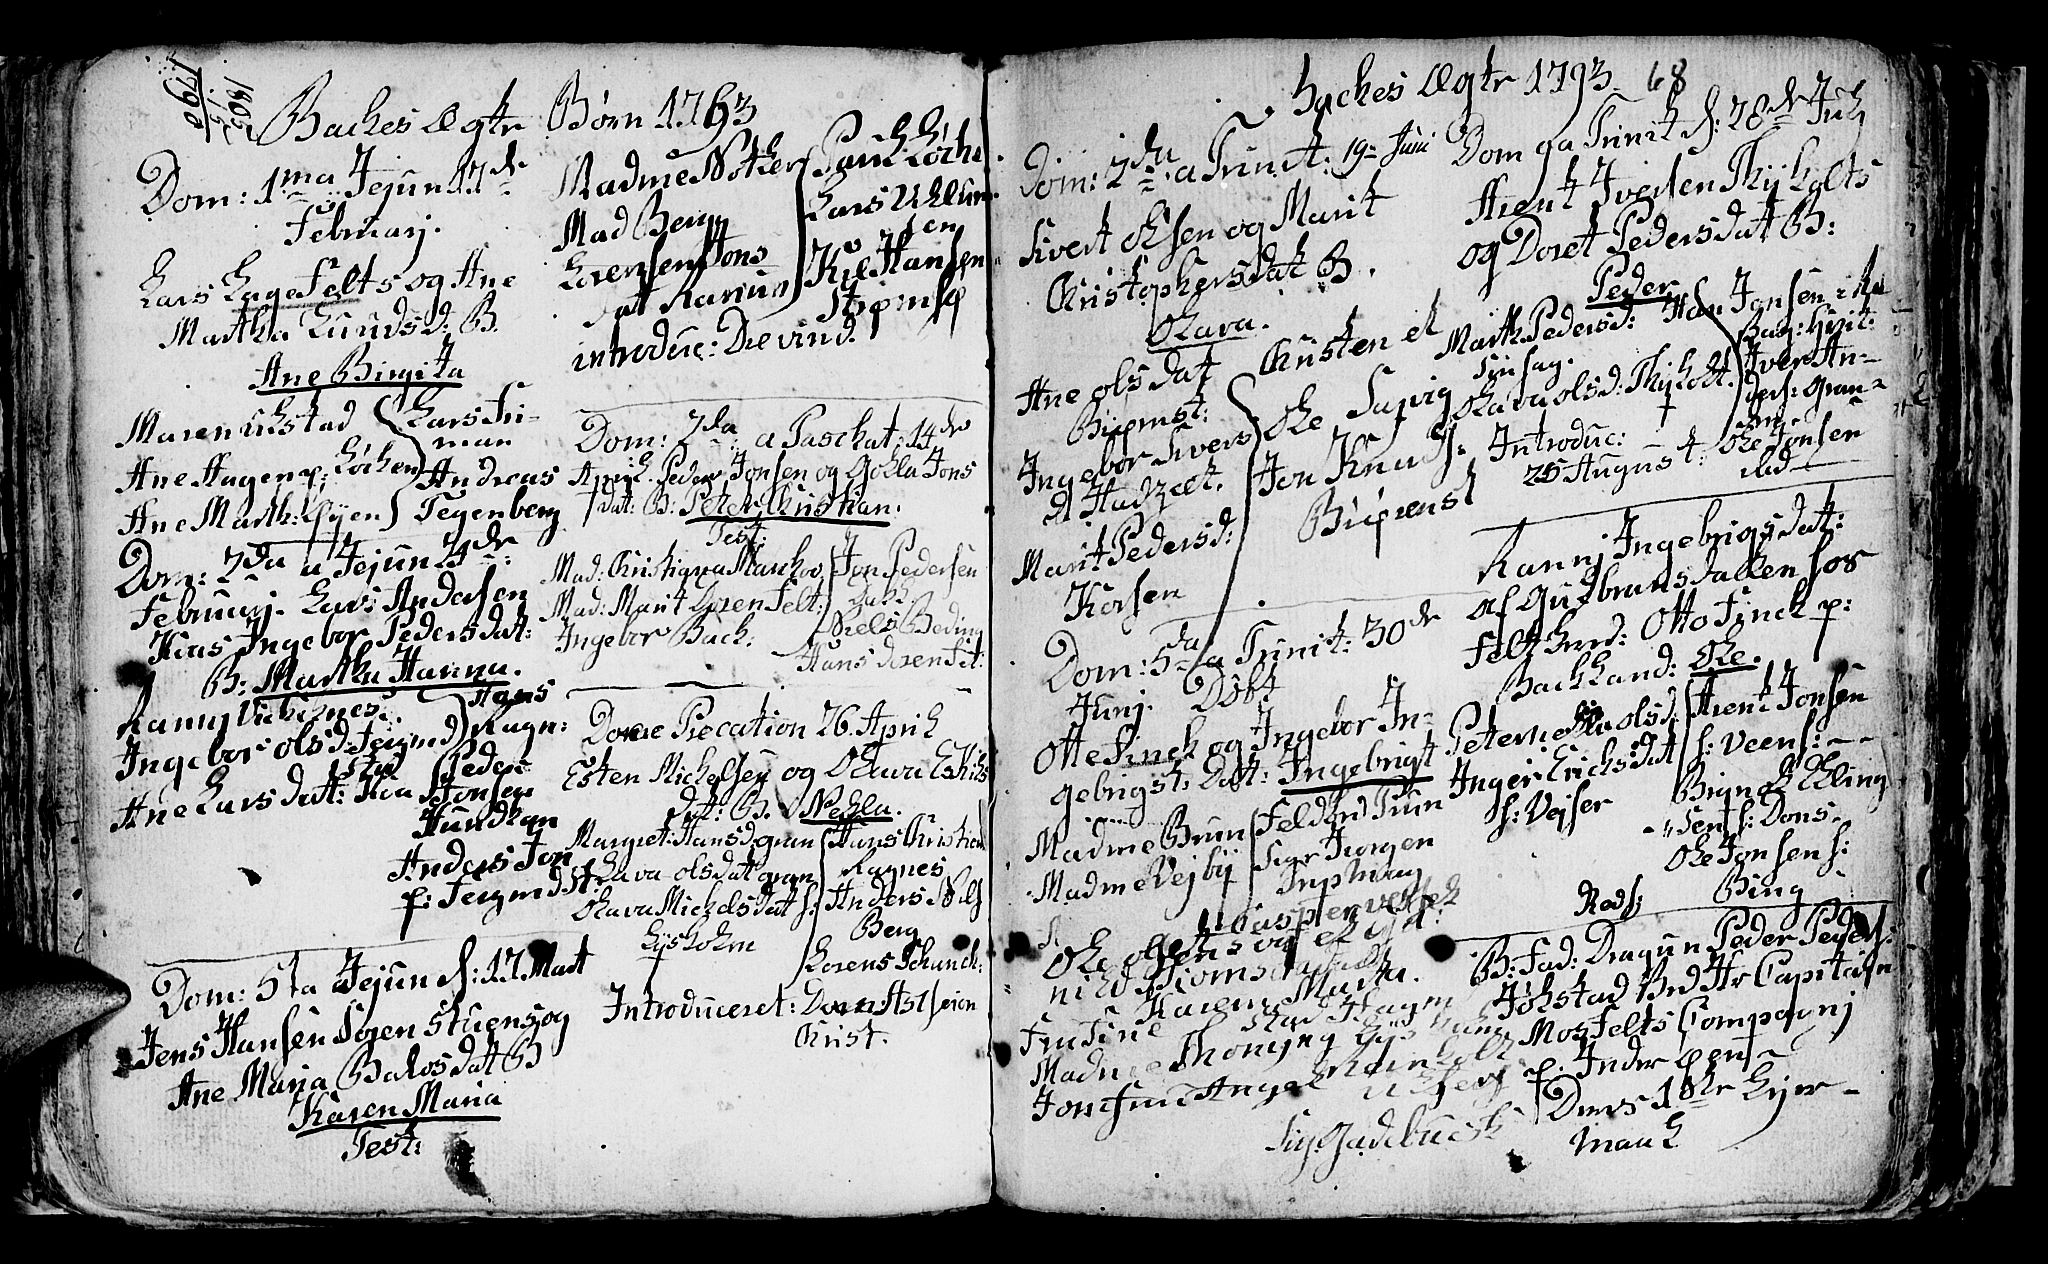 SAT, Ministerialprotokoller, klokkerbøker og fødselsregistre - Sør-Trøndelag, 604/L0218: Klokkerbok nr. 604C01, 1754-1819, s. 68